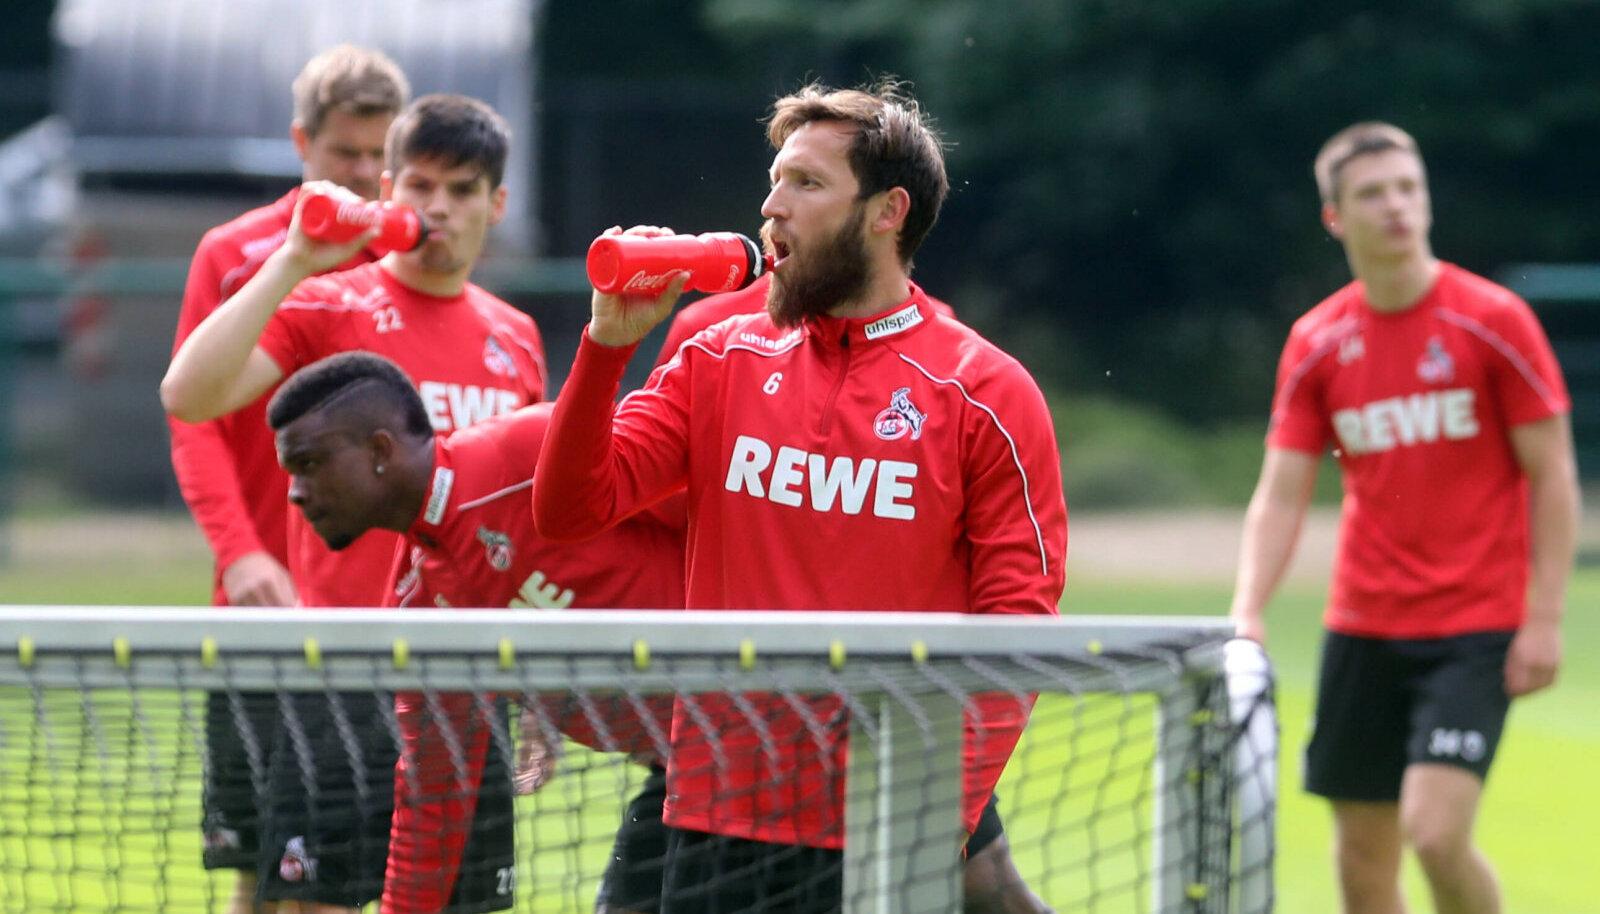 FC Kölni mängijad. Pilt on illustratiivne.